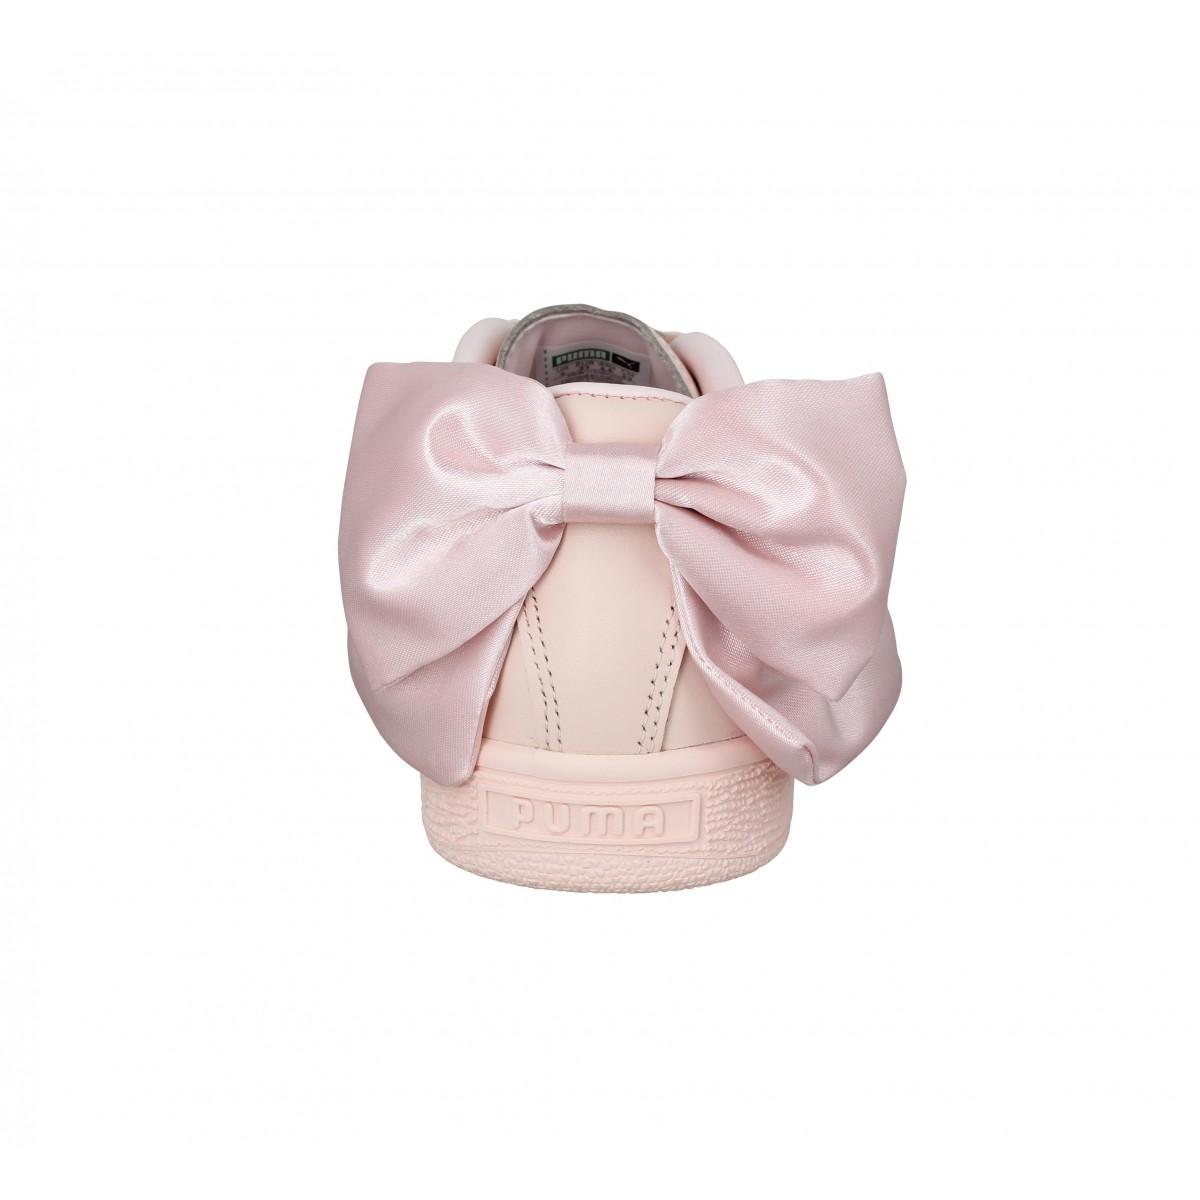 PUMA Basket Bow cuir Femme Rose